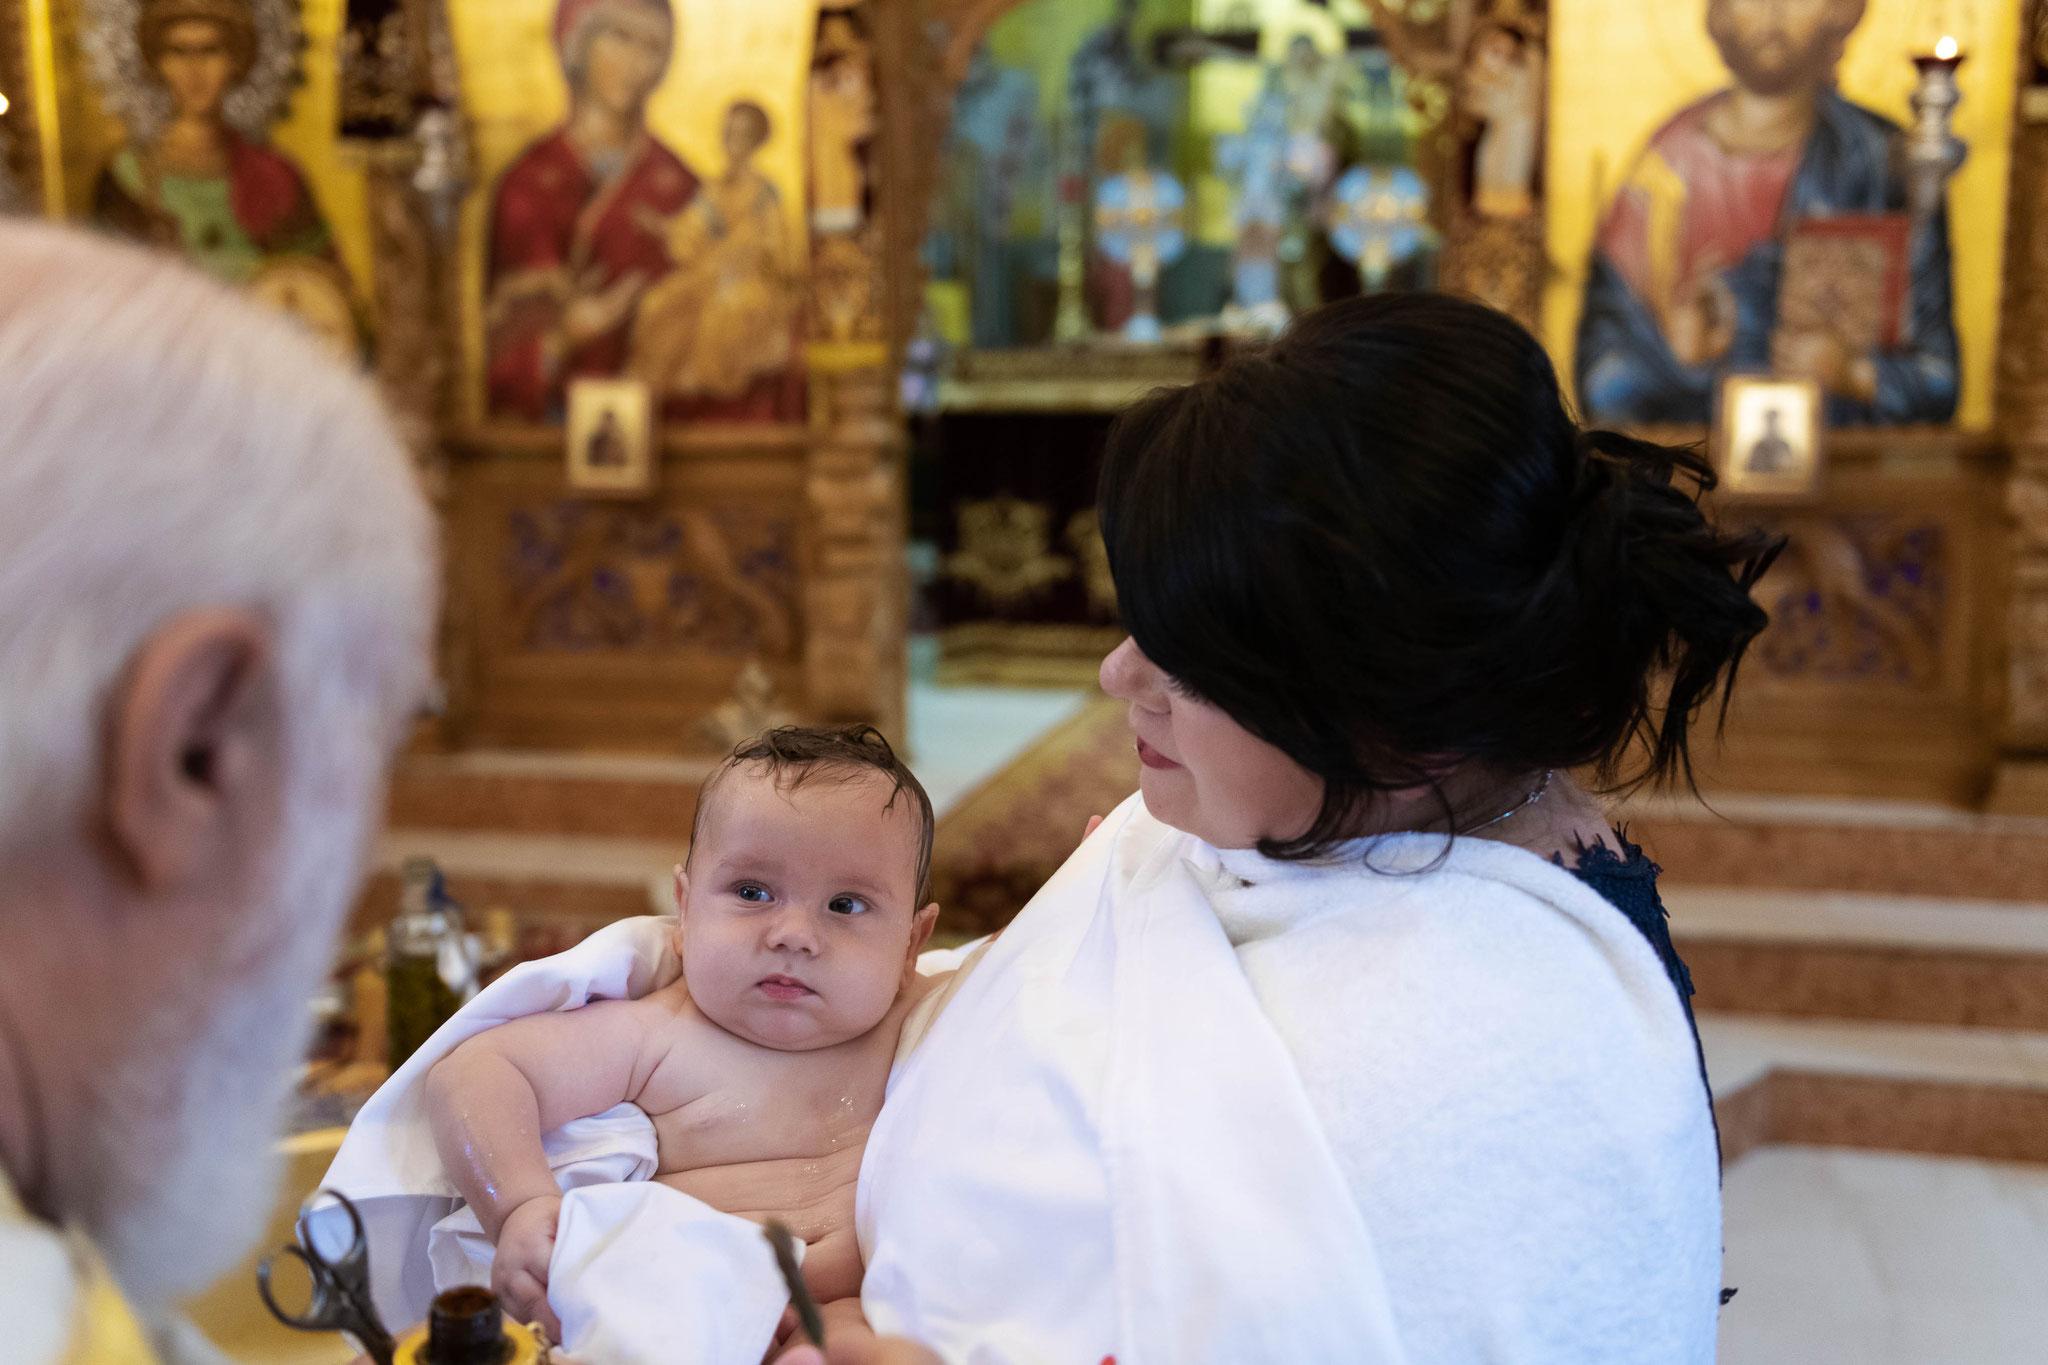 Der überraschende Blick des getauften Kindes